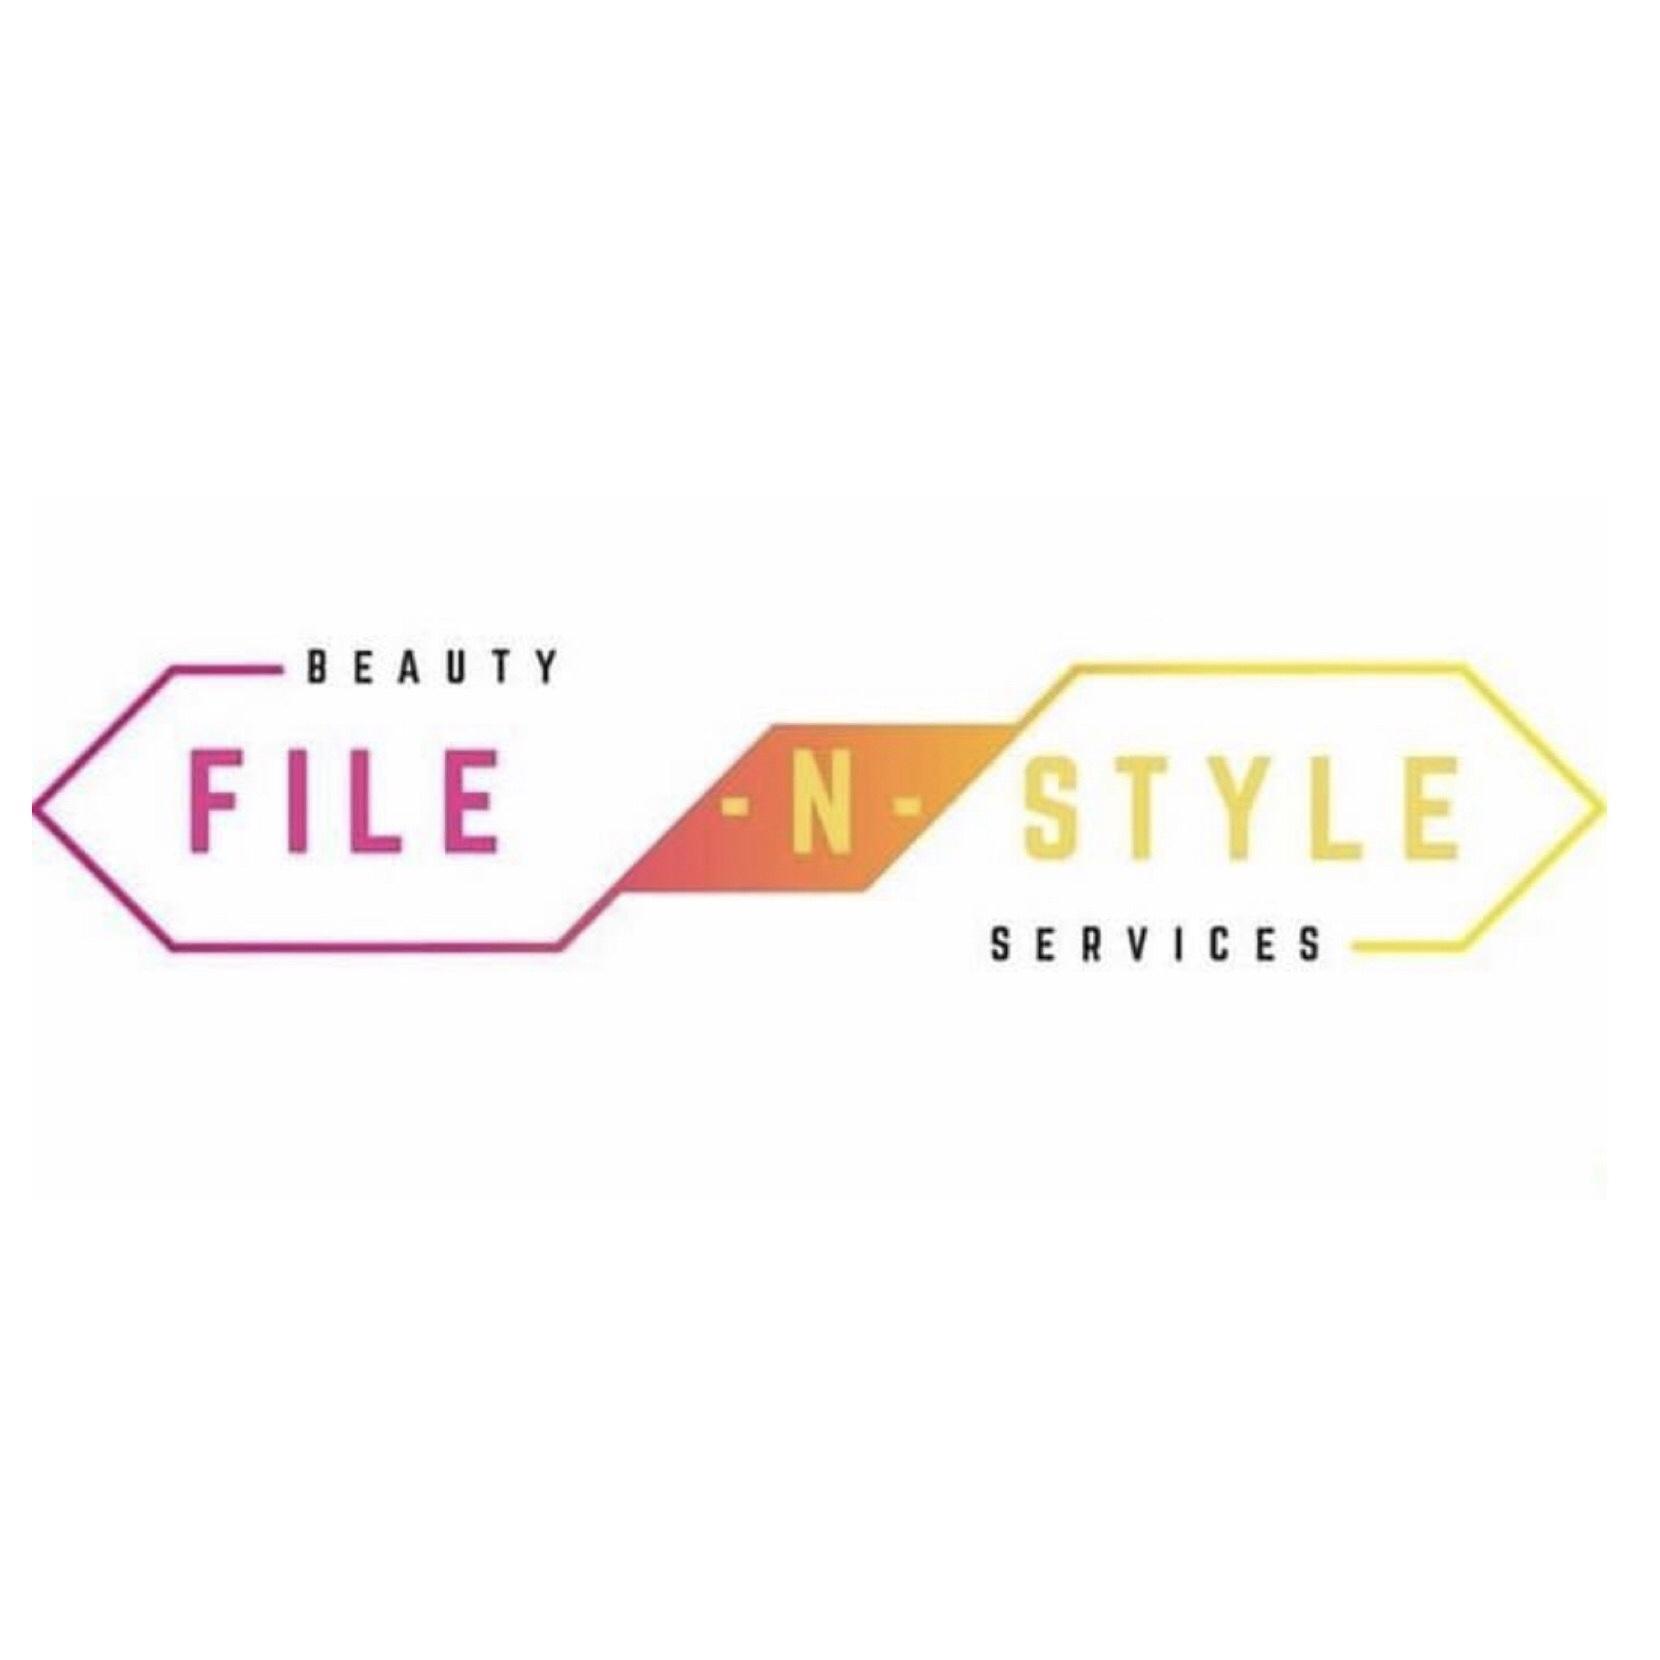 File -N- Style